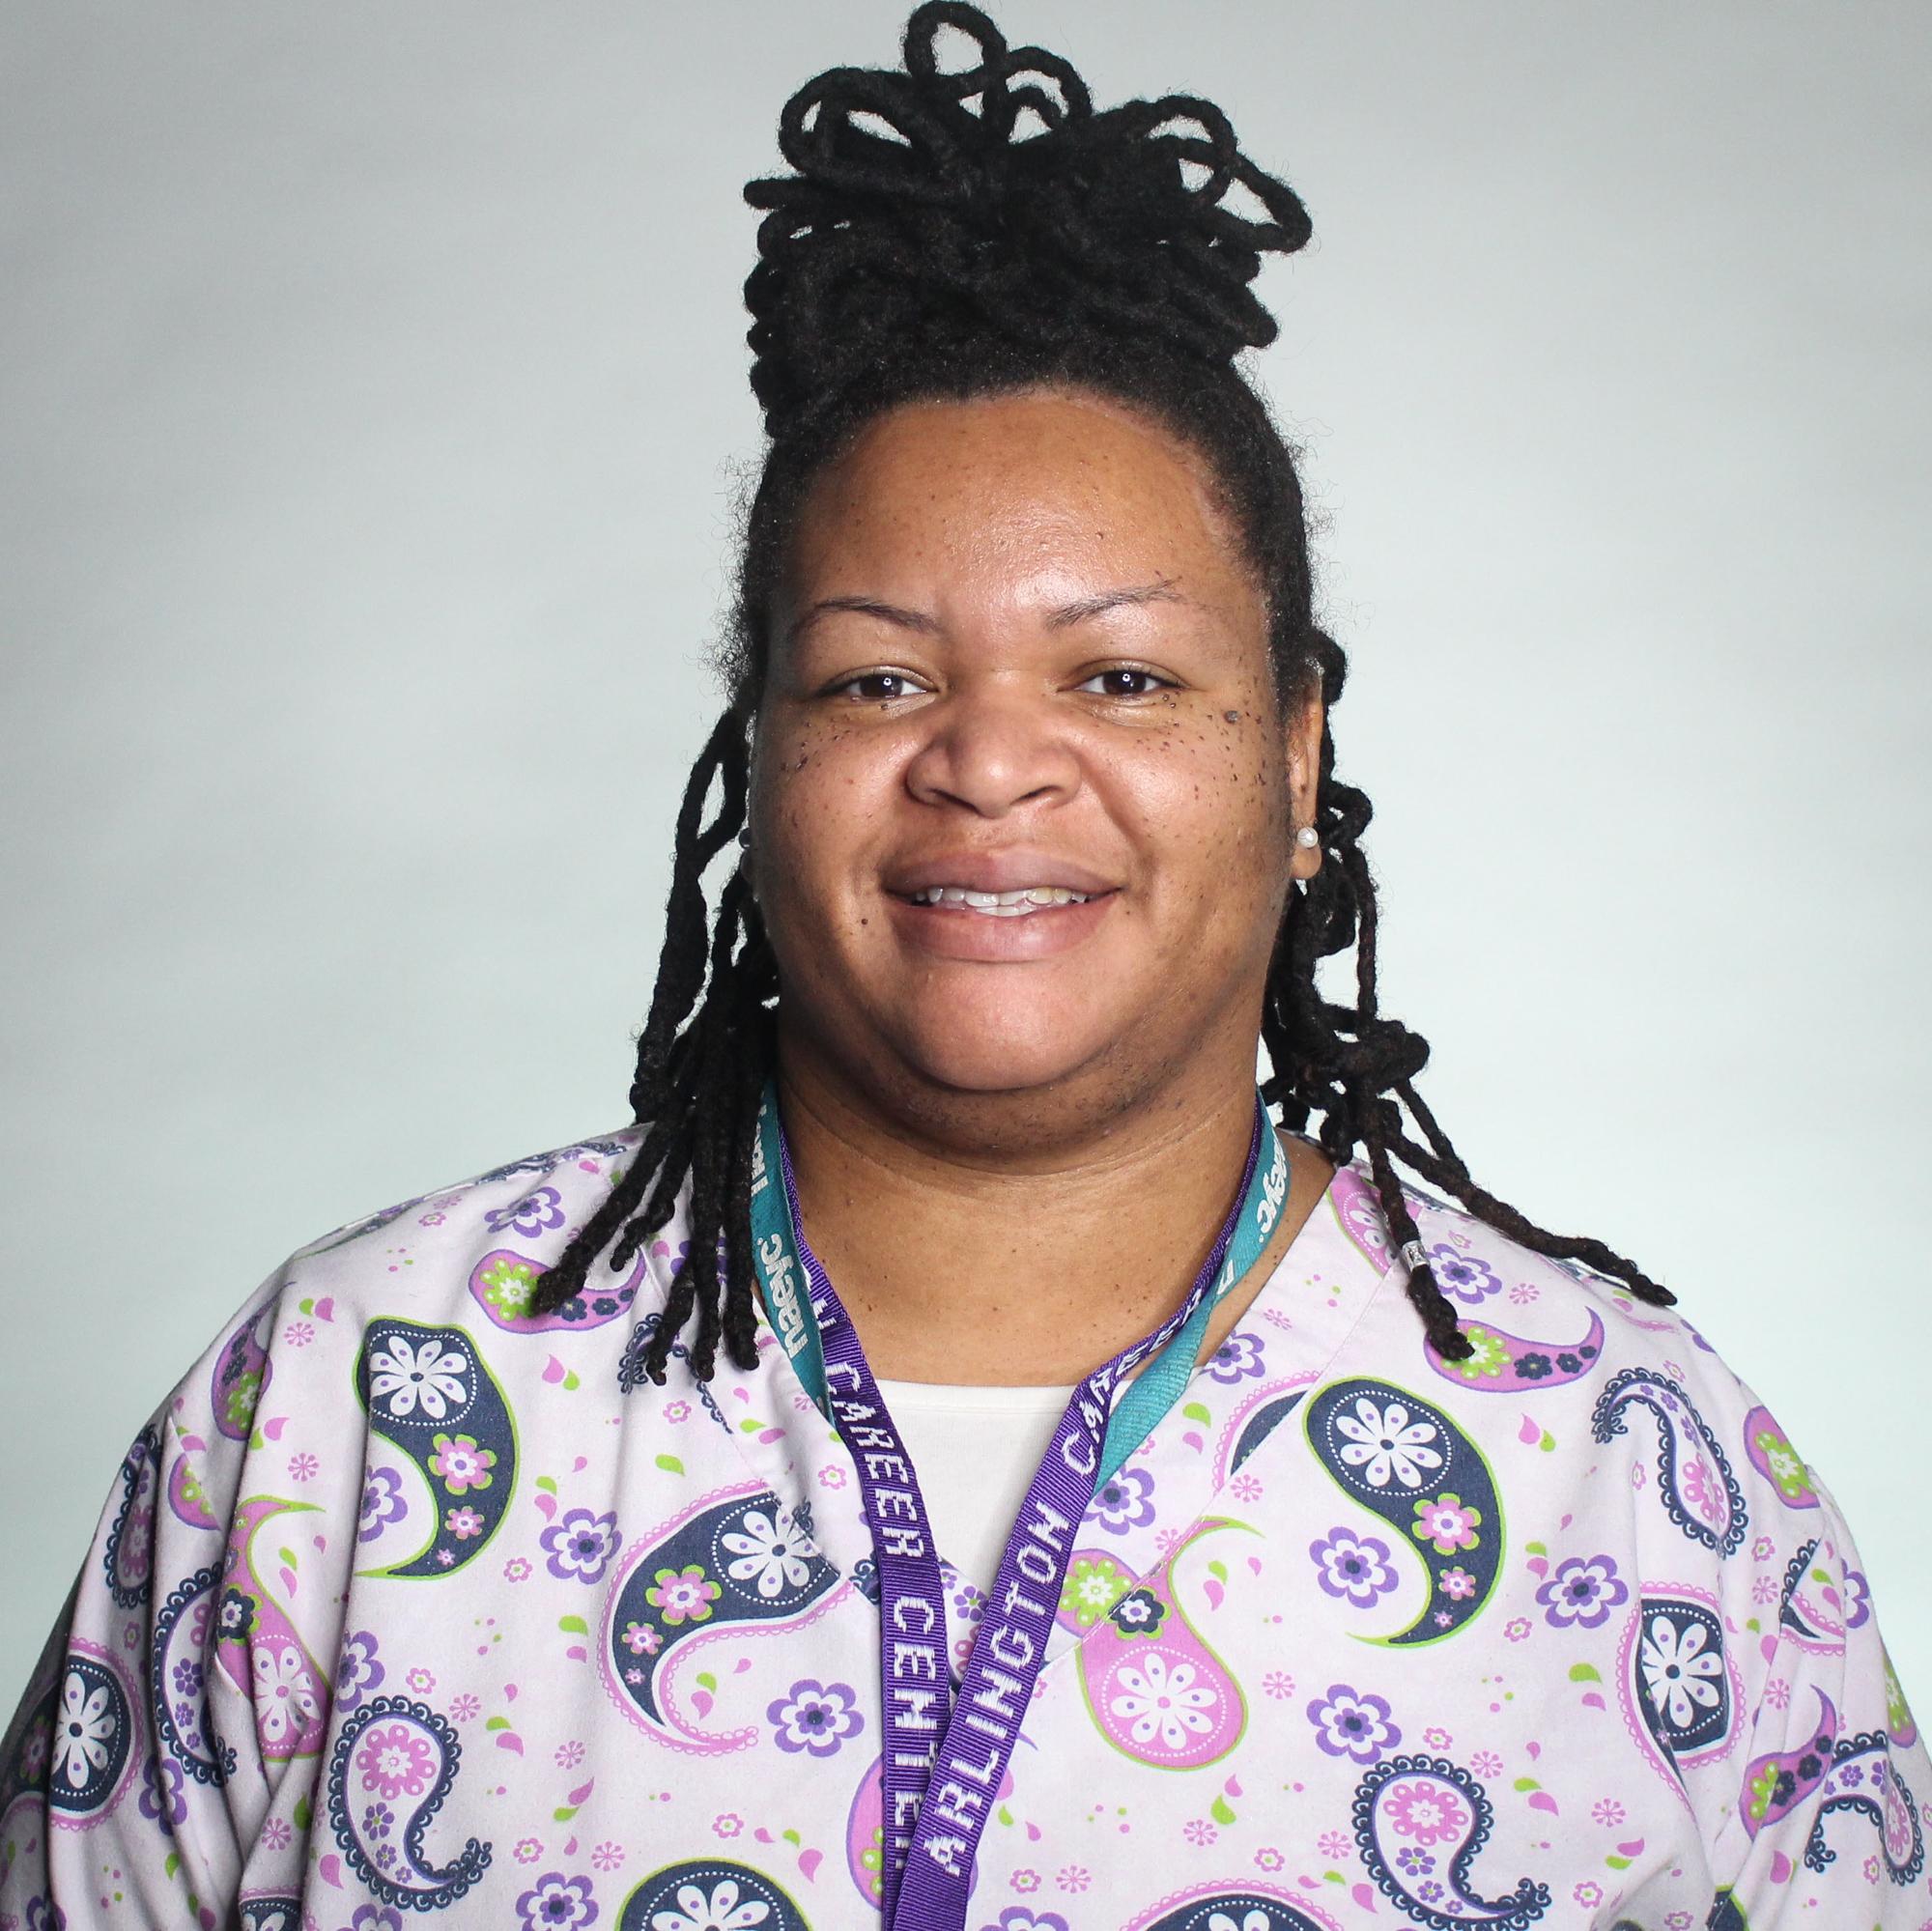 Ms. Erin Jackson